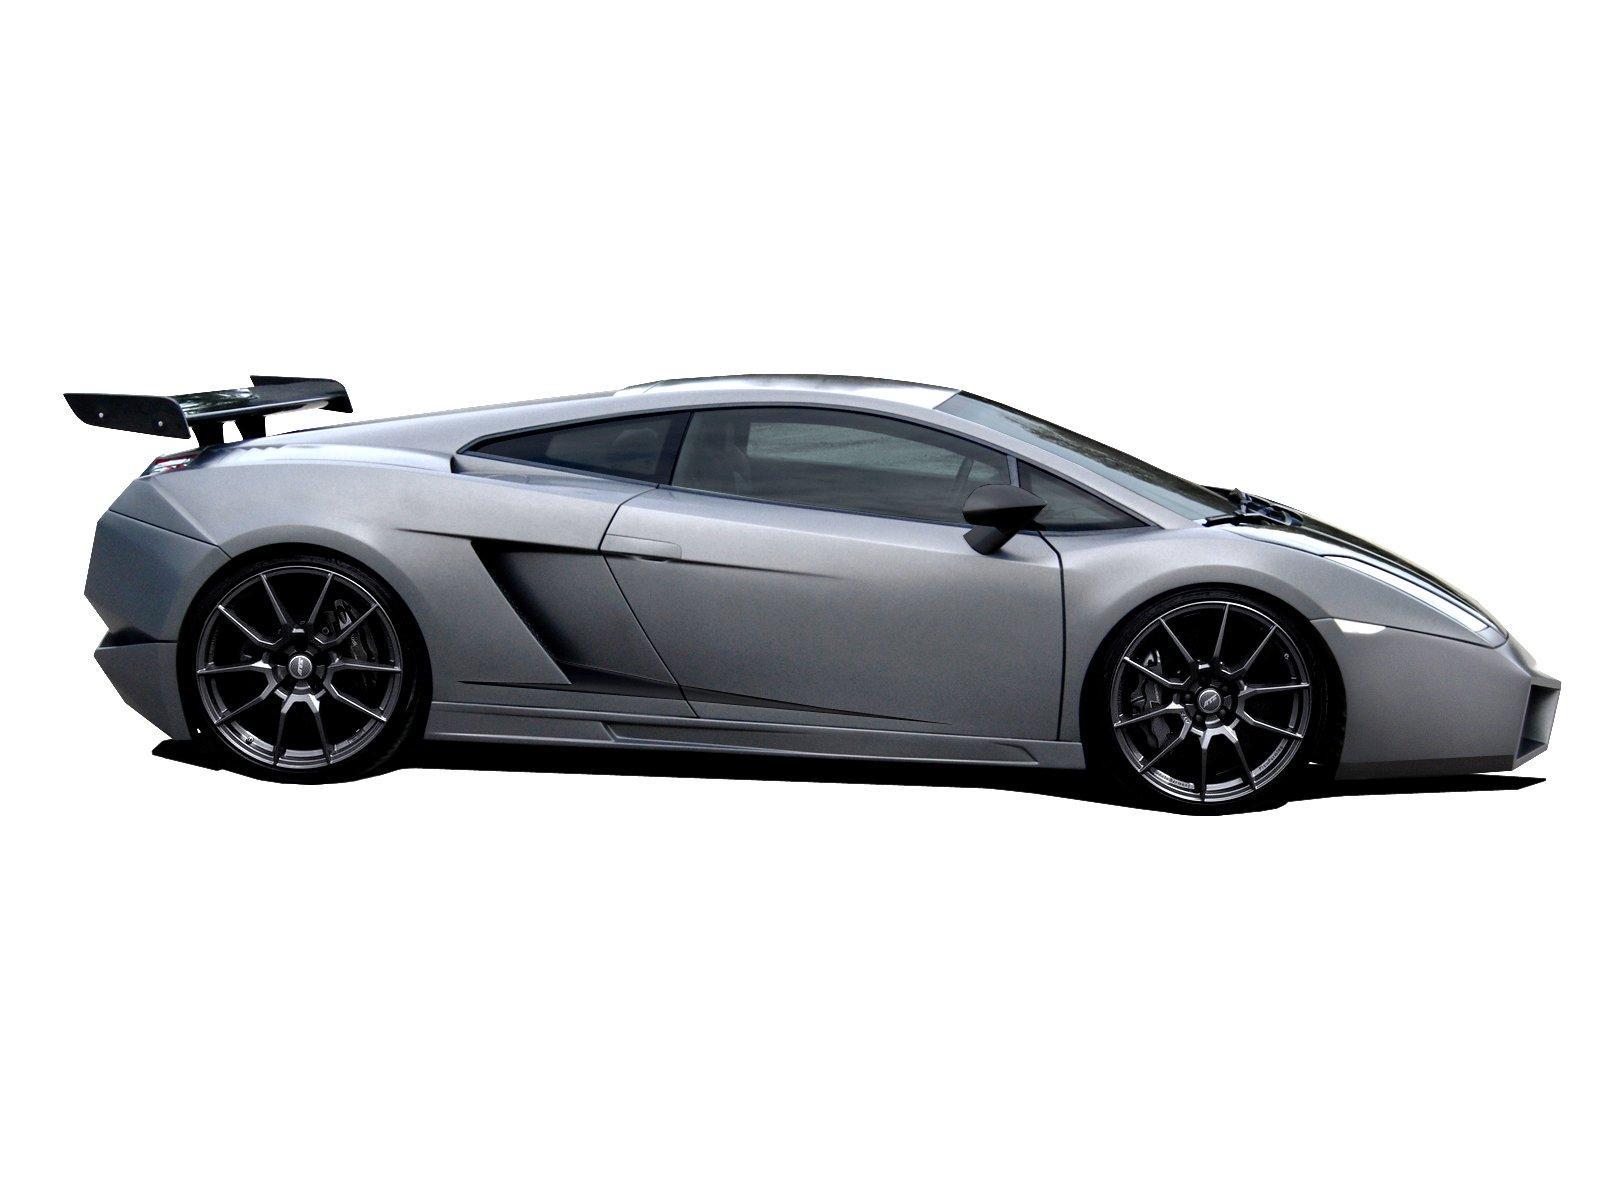 Lamborghini Gallardo od Cosa Design 4